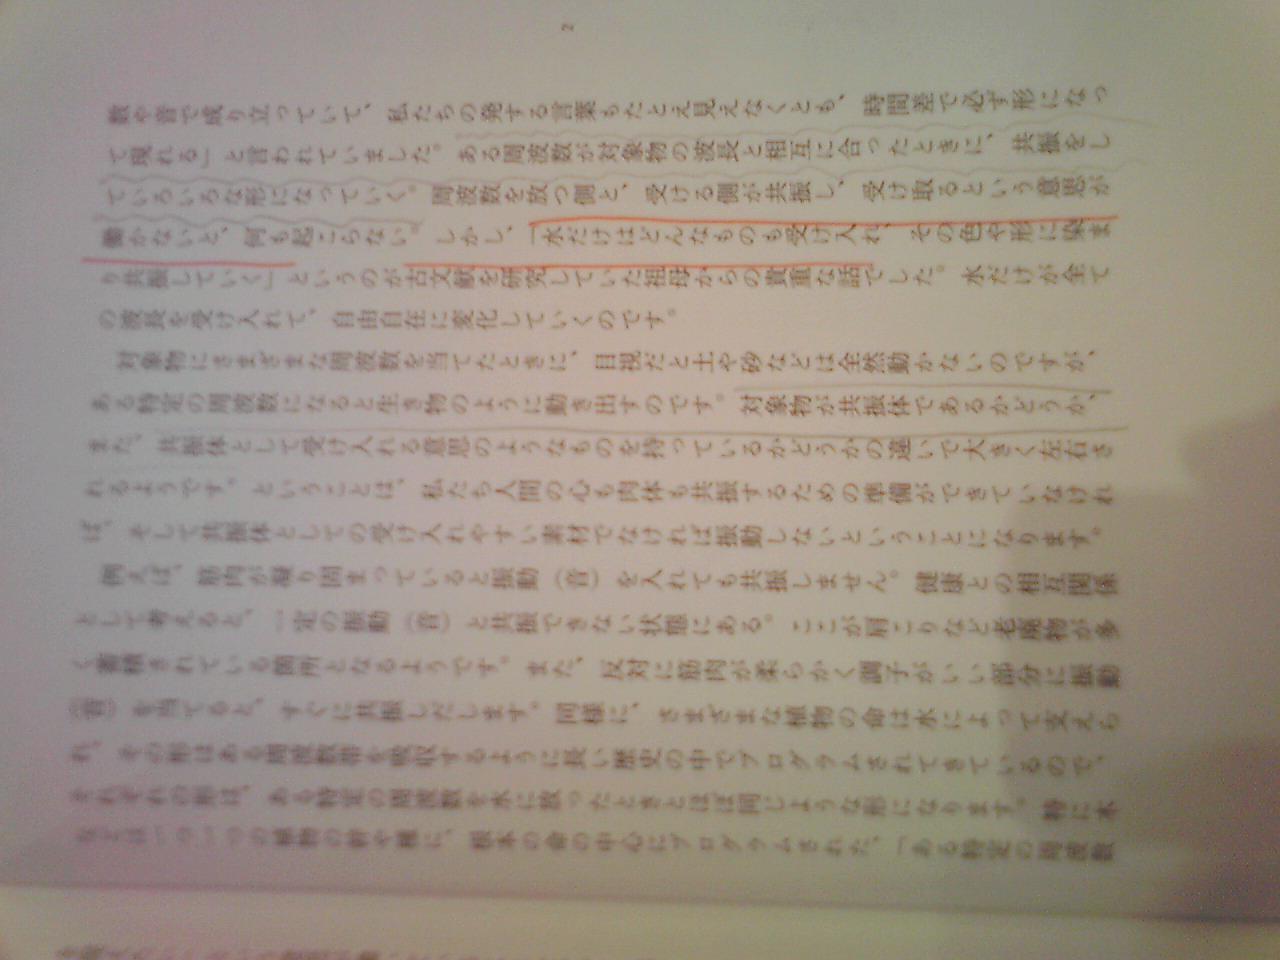 f:id:uta_stream:20191221175218j:plain